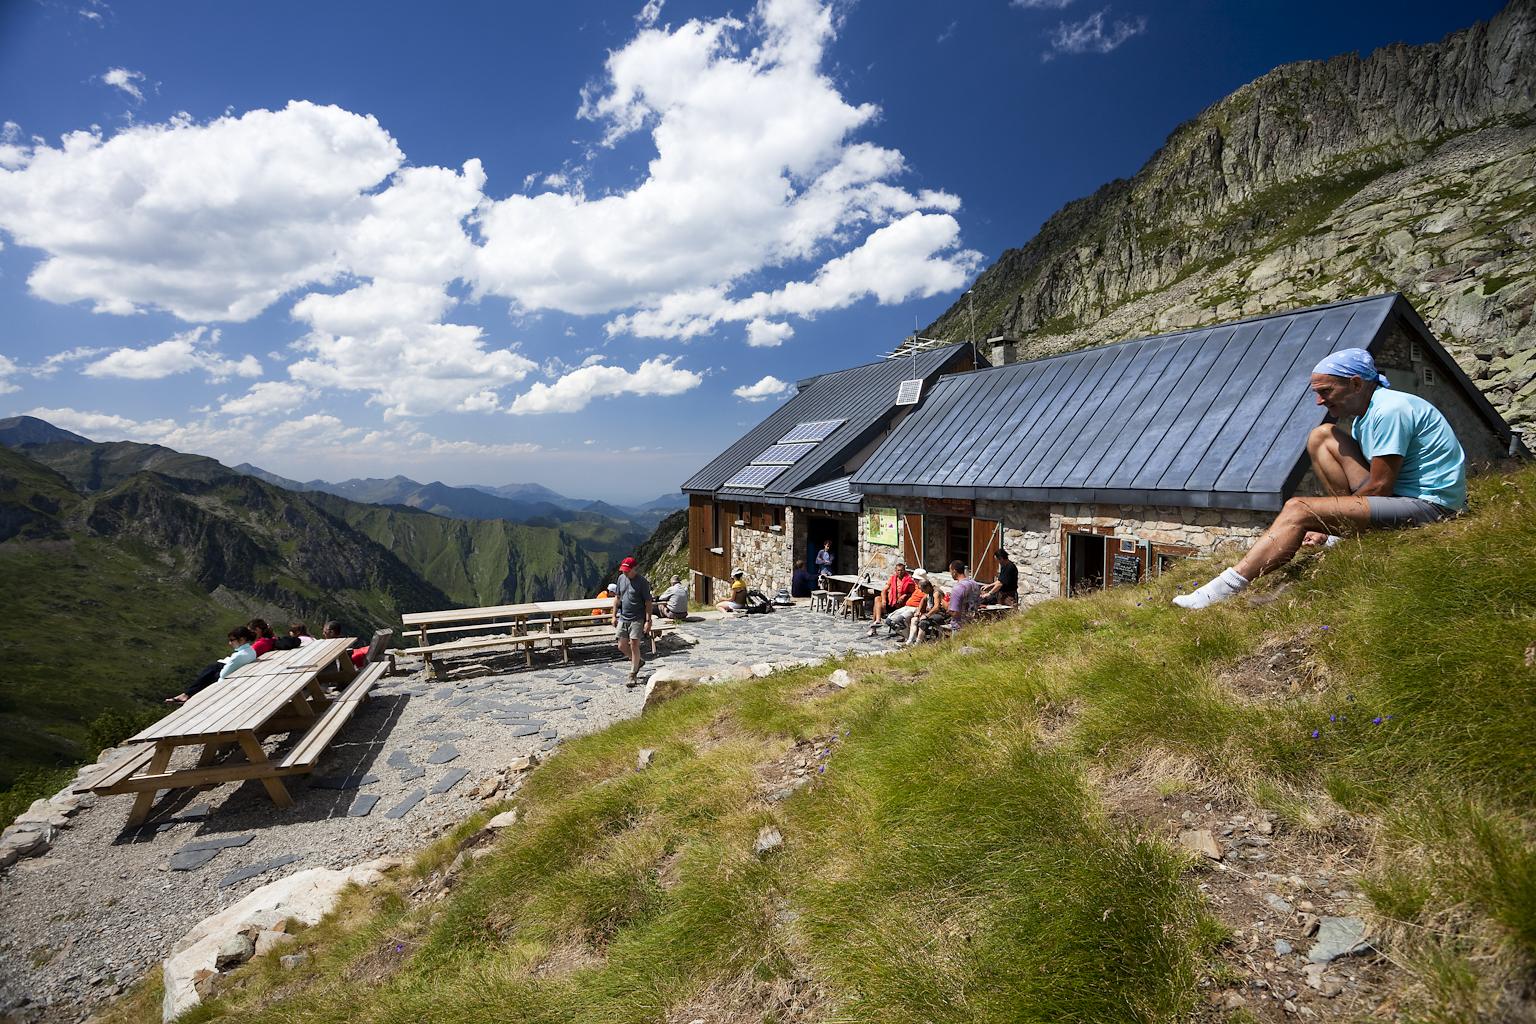 Refuge de montagne les estagnous a 2246m d 39 altitude depuis 1912 ariege pyrenees - Le refuge des 3 ours ...